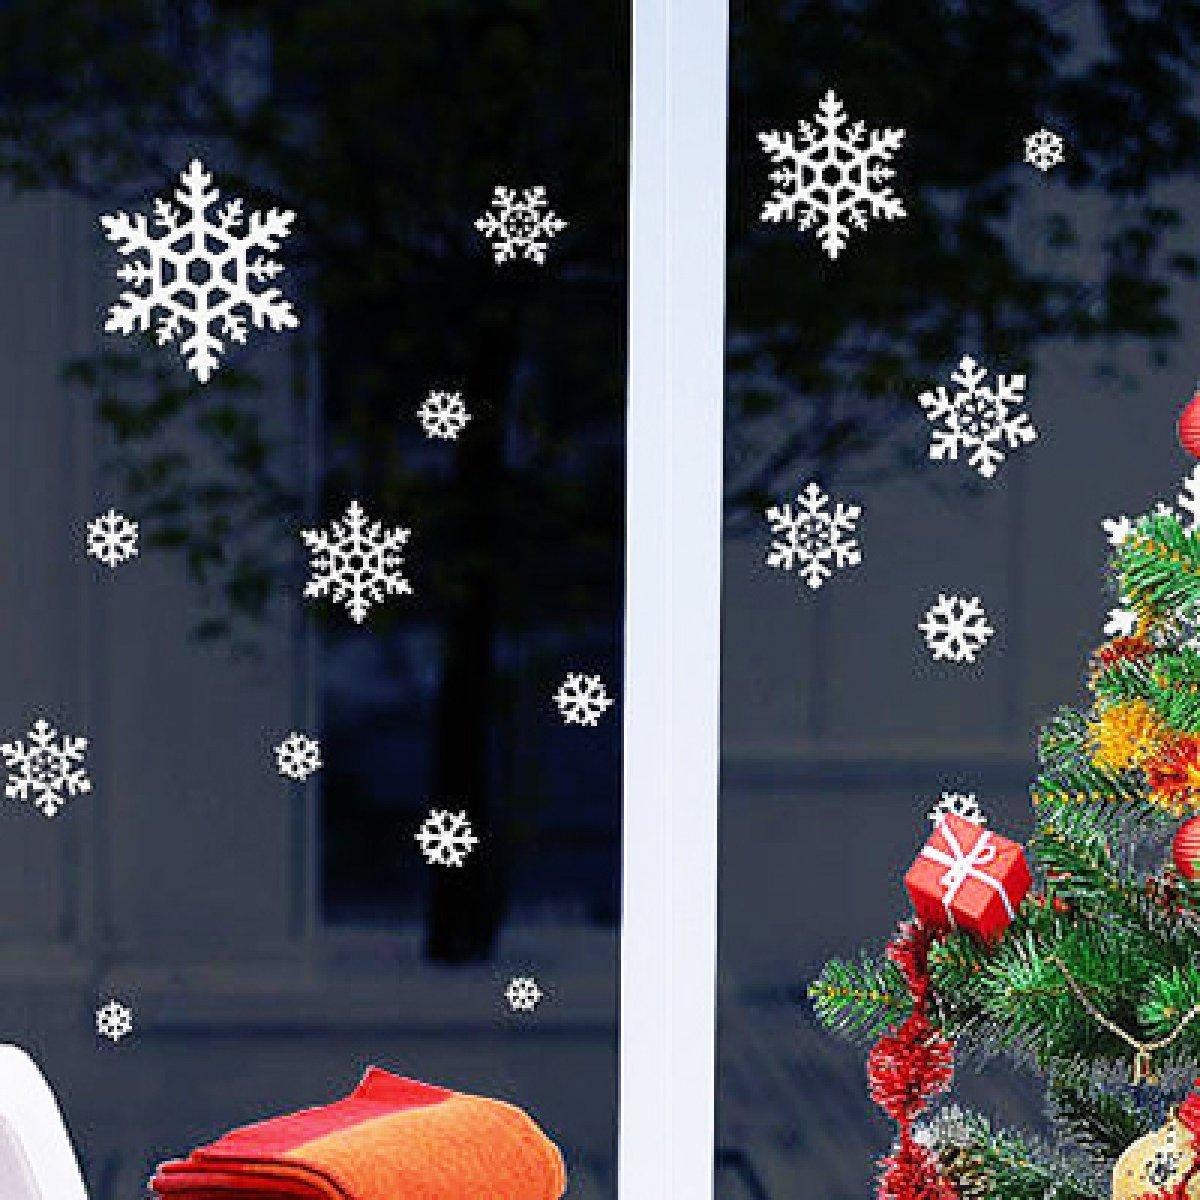 Αυτοκόλλητα τοίχου - Σπρεί Χριστουγεννιάτικα | Mymegamarket.gr